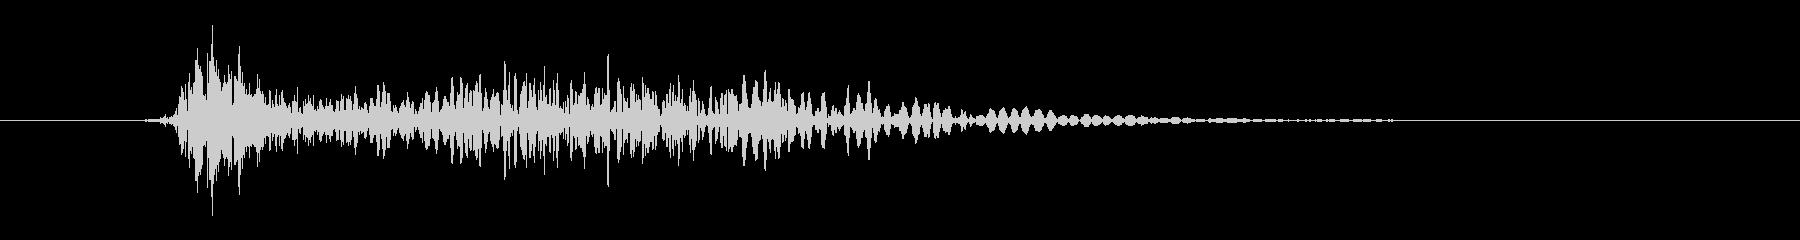 カモン(魔王のような声)の未再生の波形